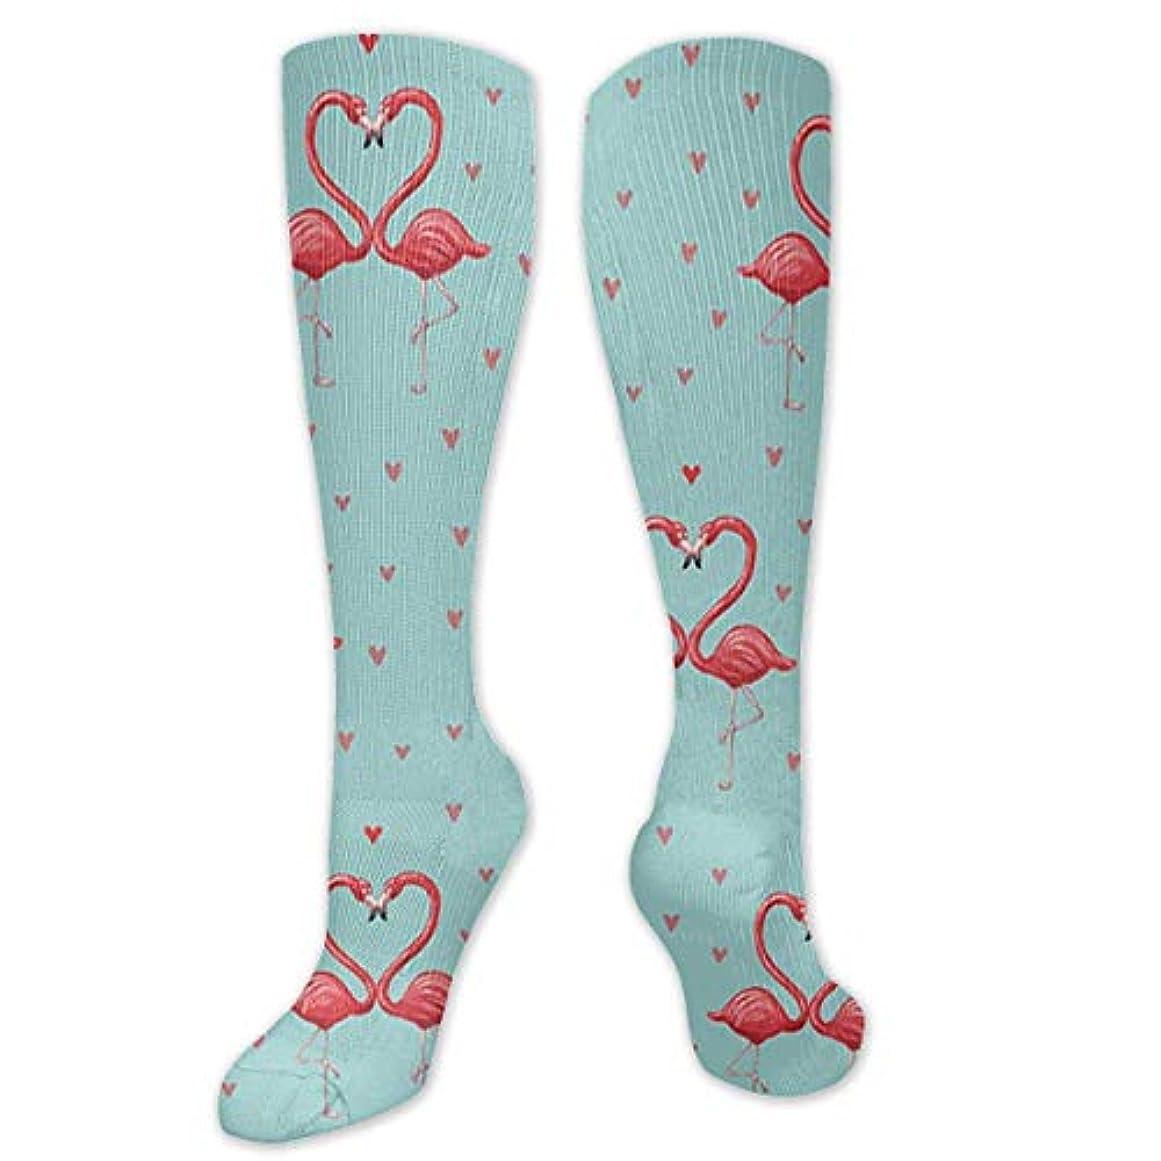 褐色推定飲食店靴下,ストッキング,野生のジョーカー,実際,秋の本質,冬必須,サマーウェア&RBXAA Flamingos Pattern Socks Women's Winter Cotton Long Tube Socks Cotton...